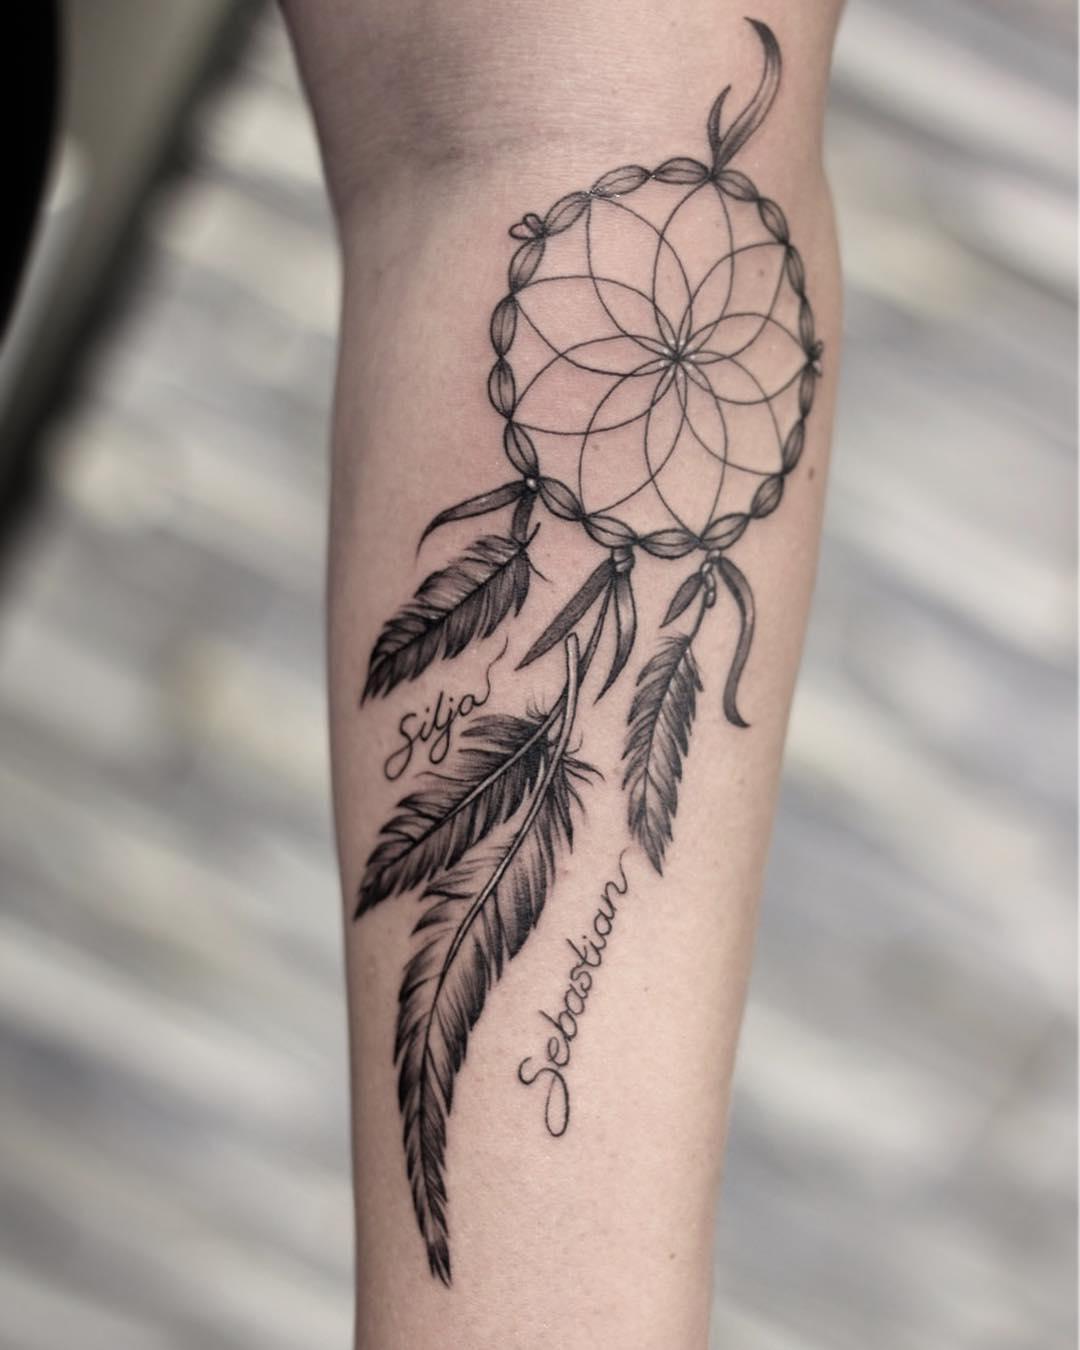 Filtro dos sonhos preto tatuado no braço